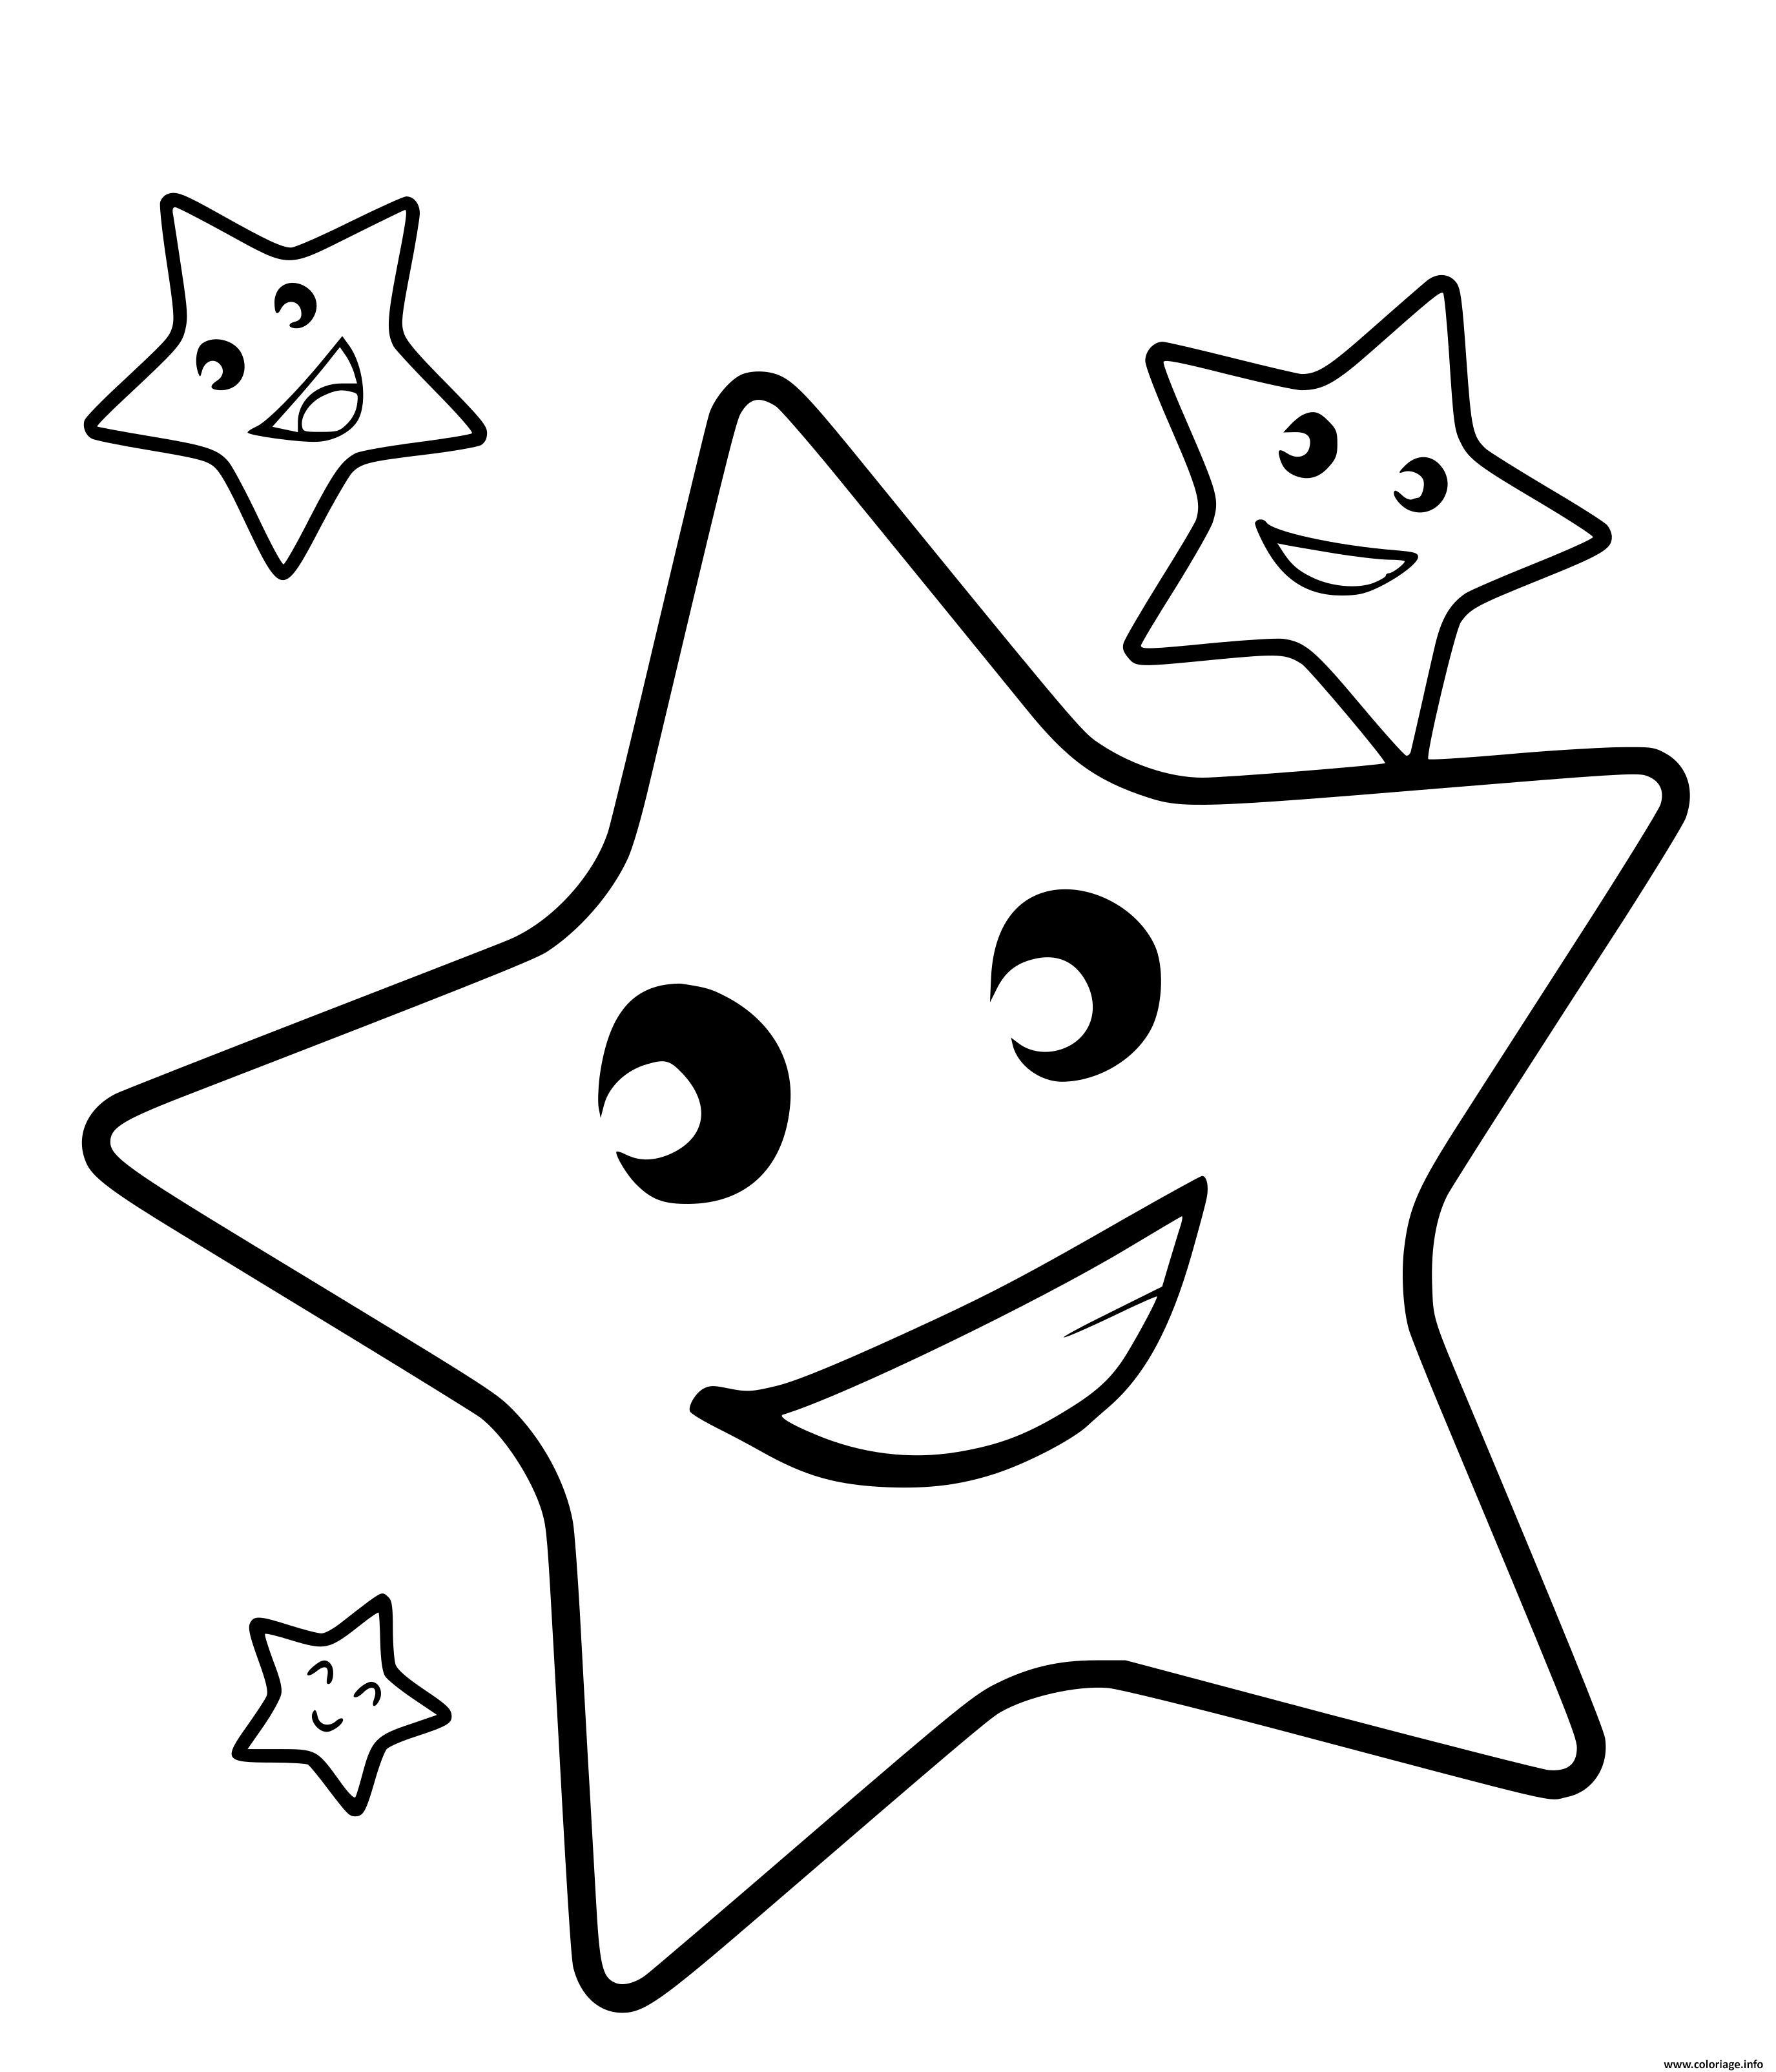 Dessin etoiles en souriant Coloriage Gratuit à Imprimer